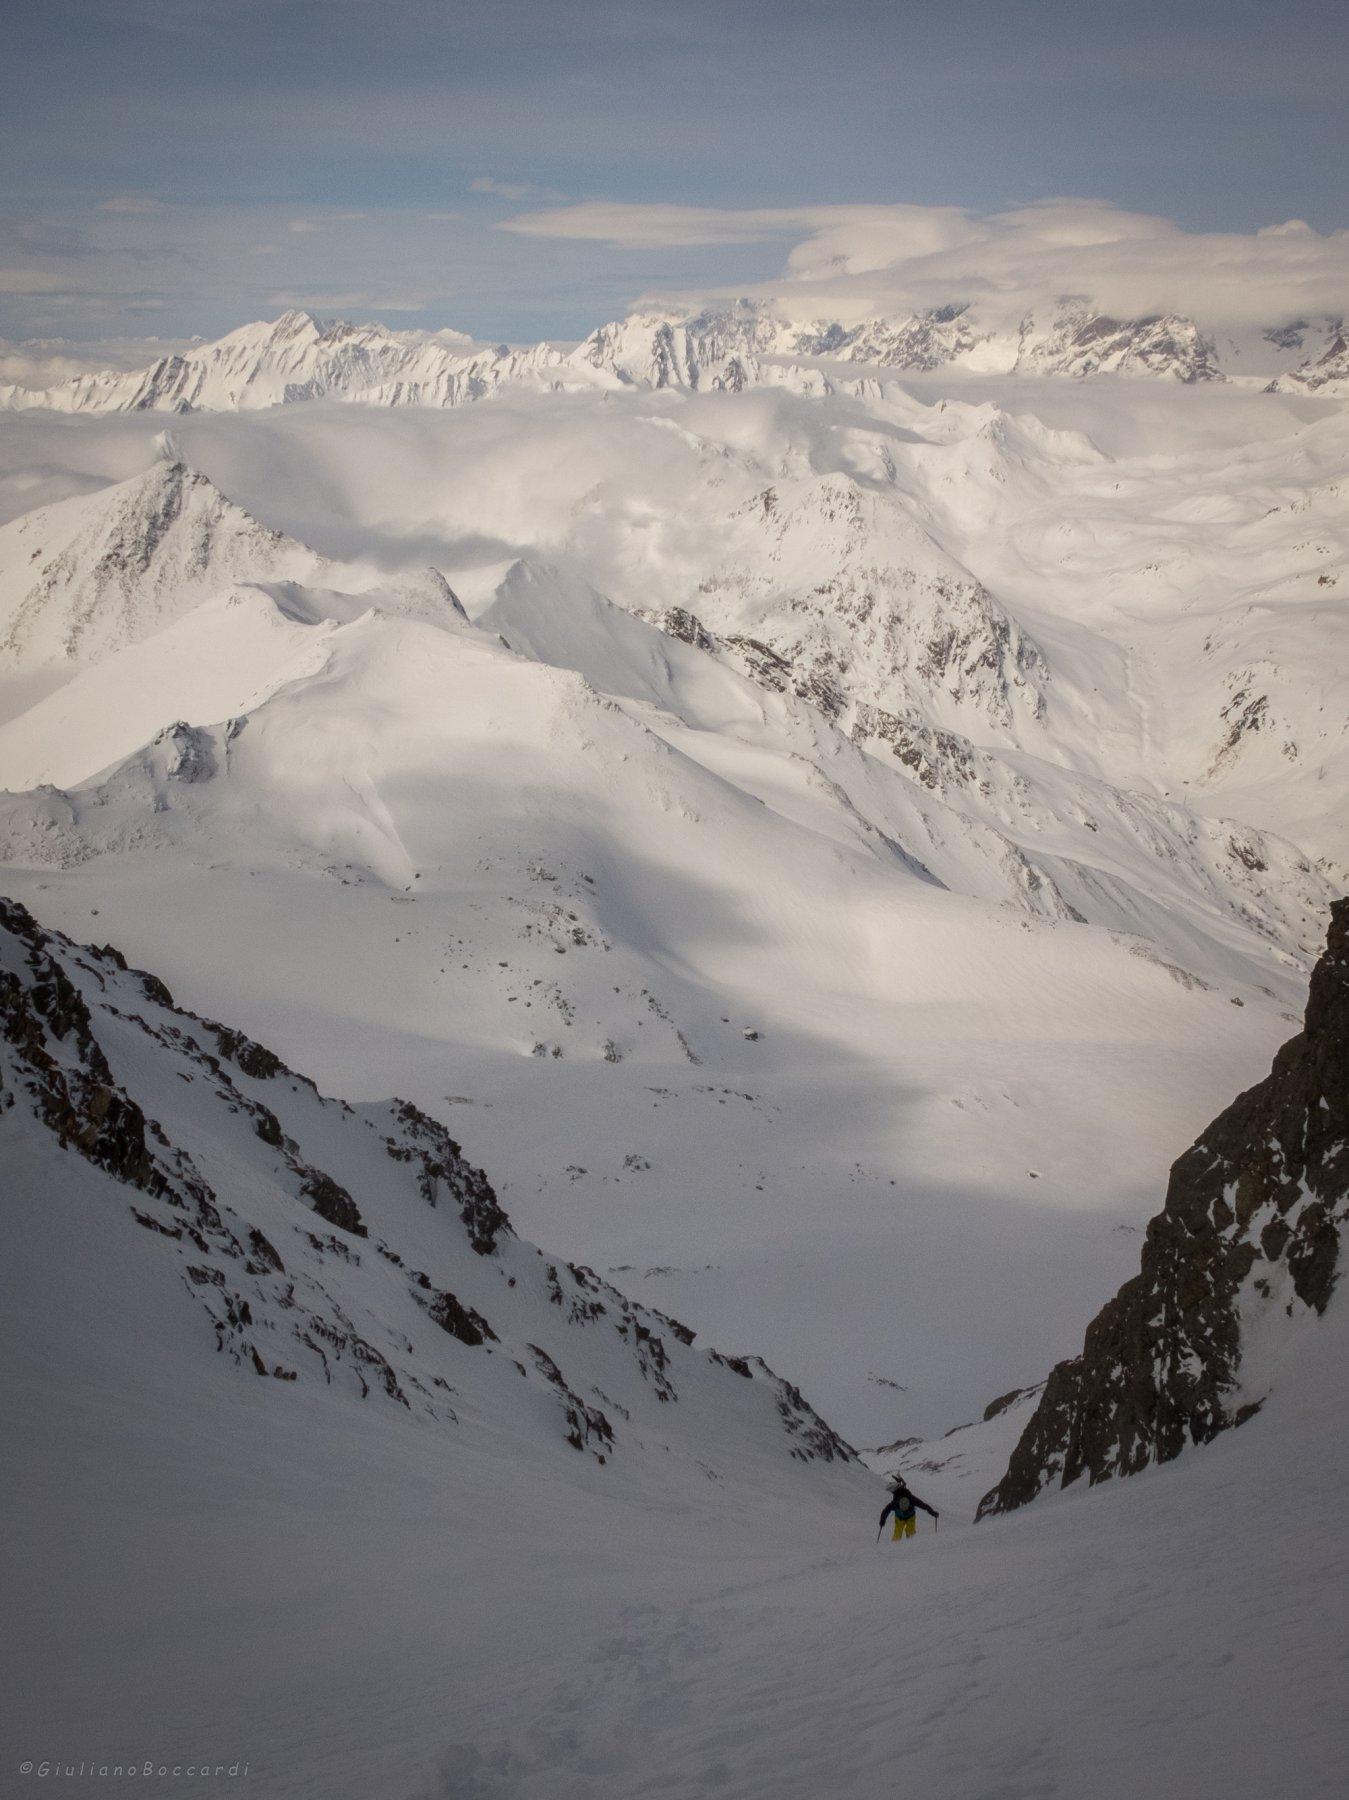 Colpo d'occhio sul Monte Bianco avvolto dalle nubi